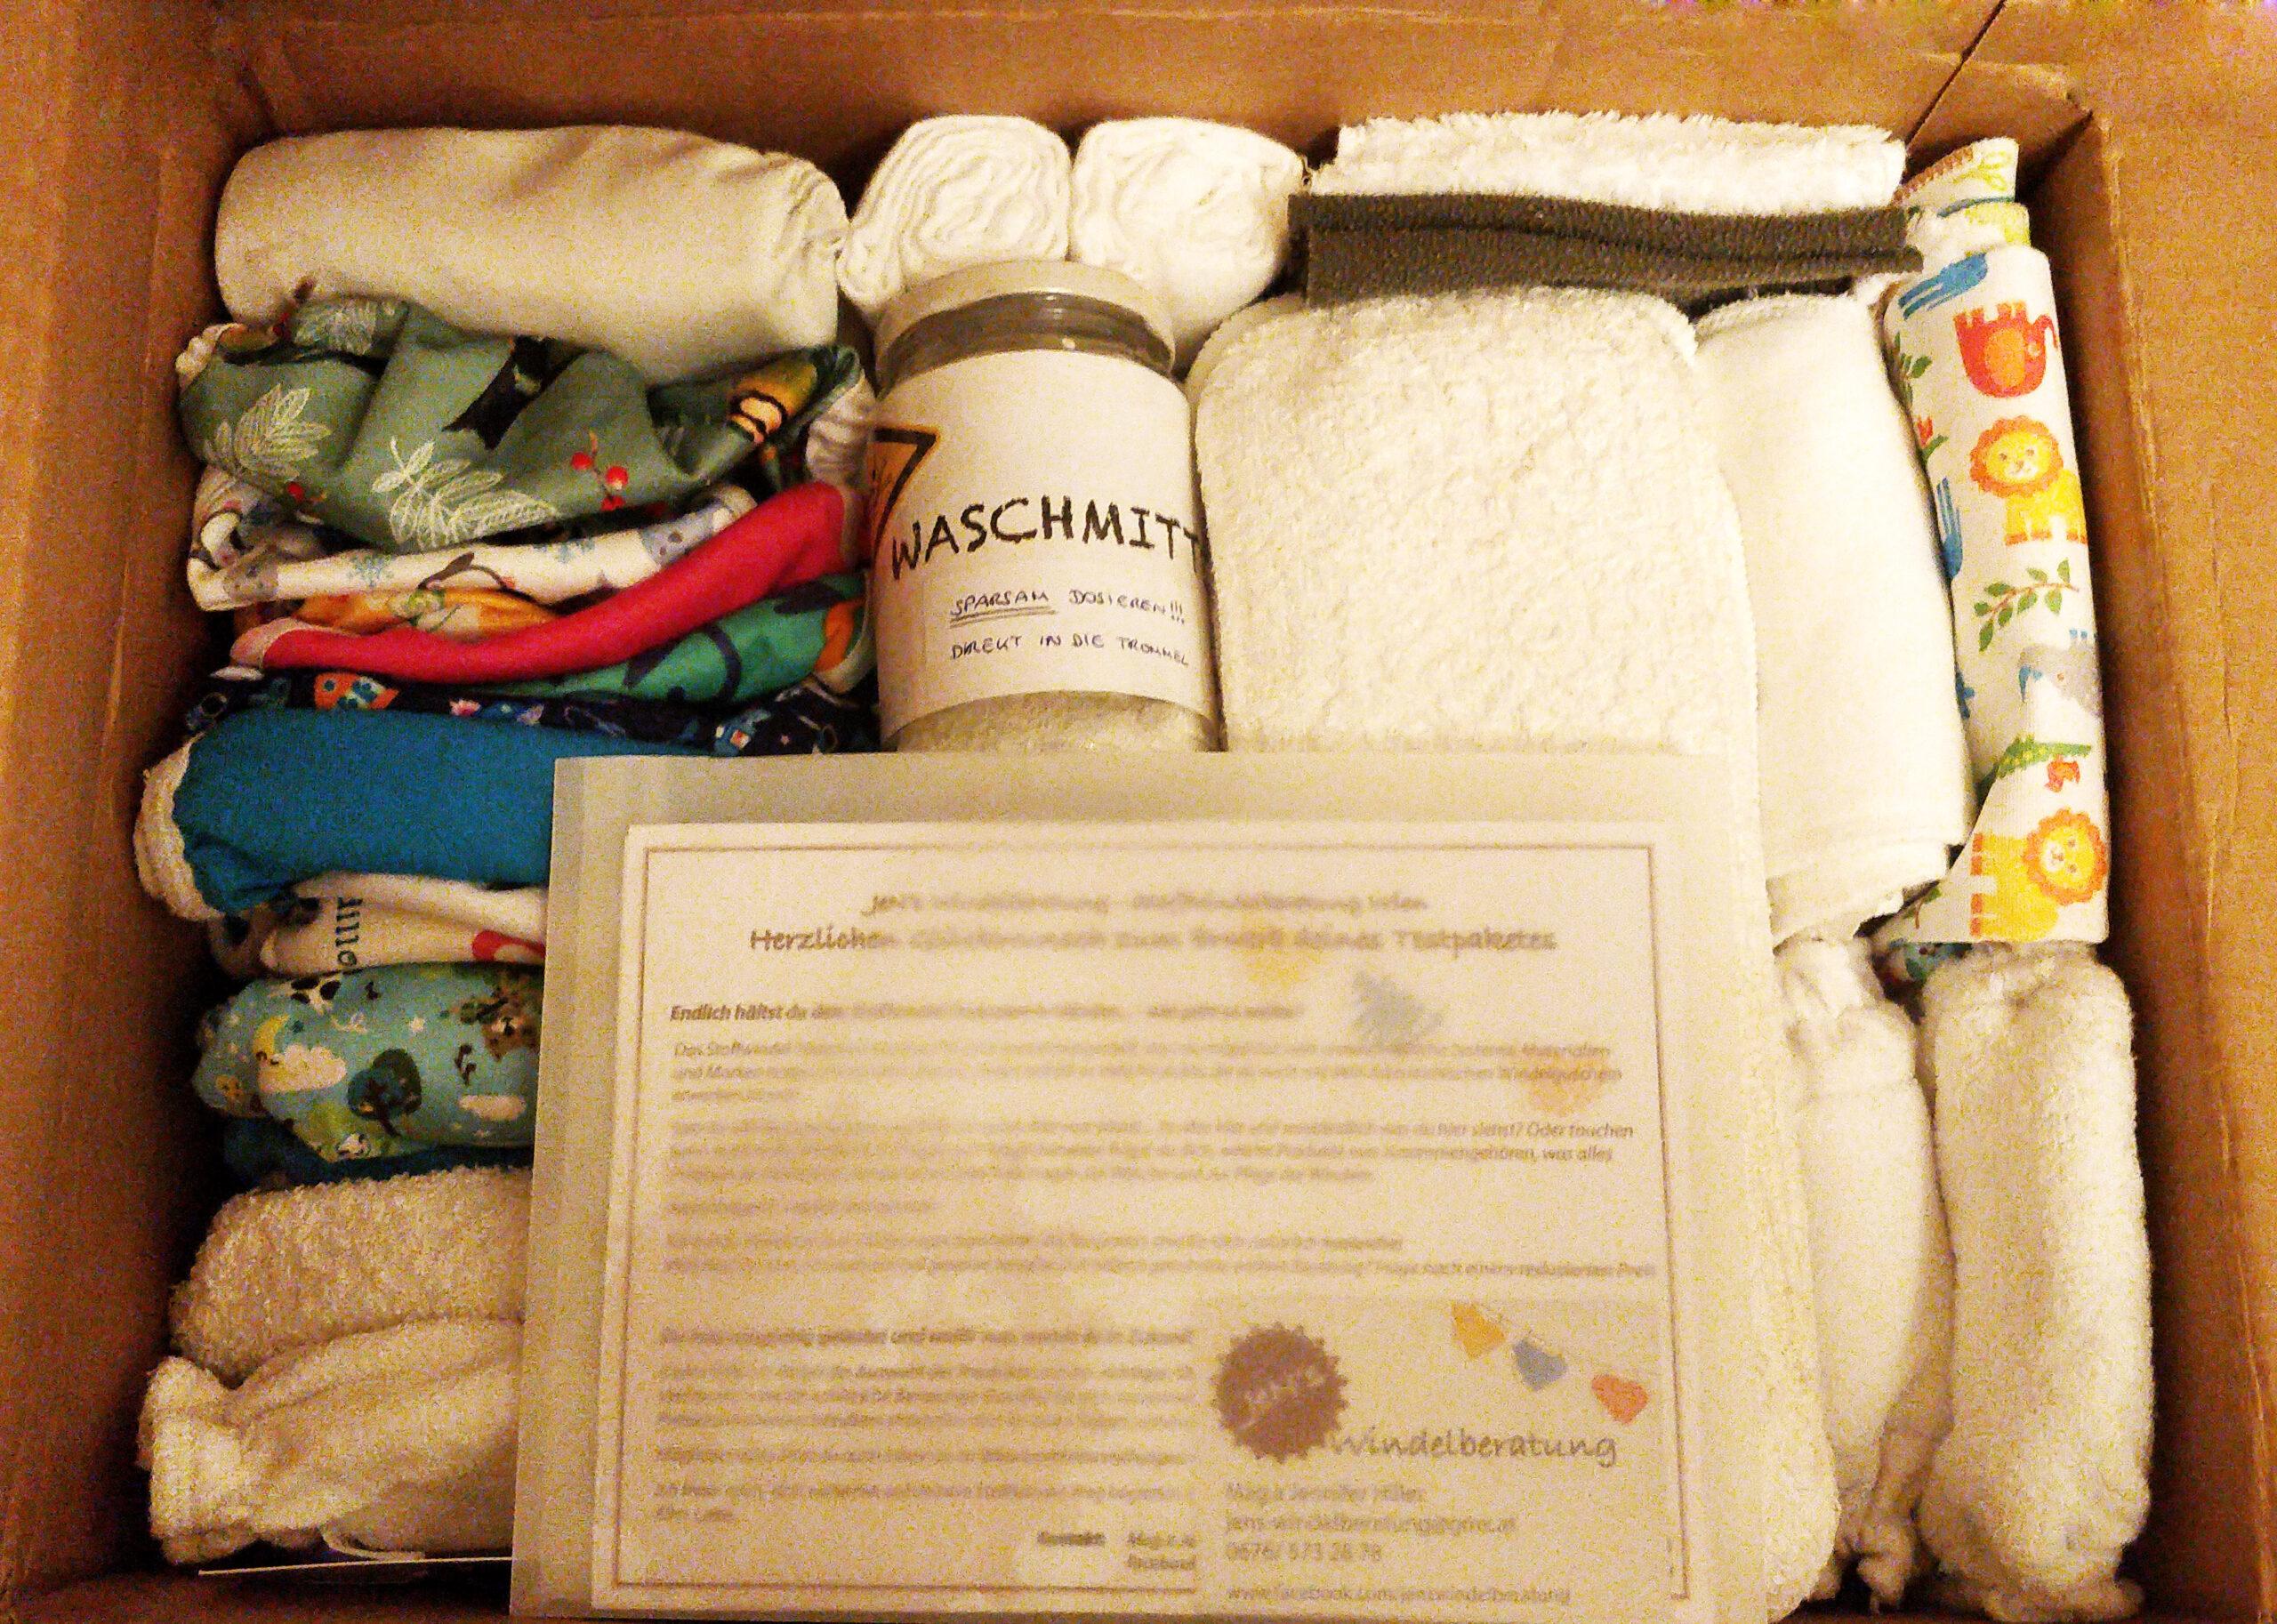 Stoffwindeltestpaket mit Beschreibung und Waschmittel